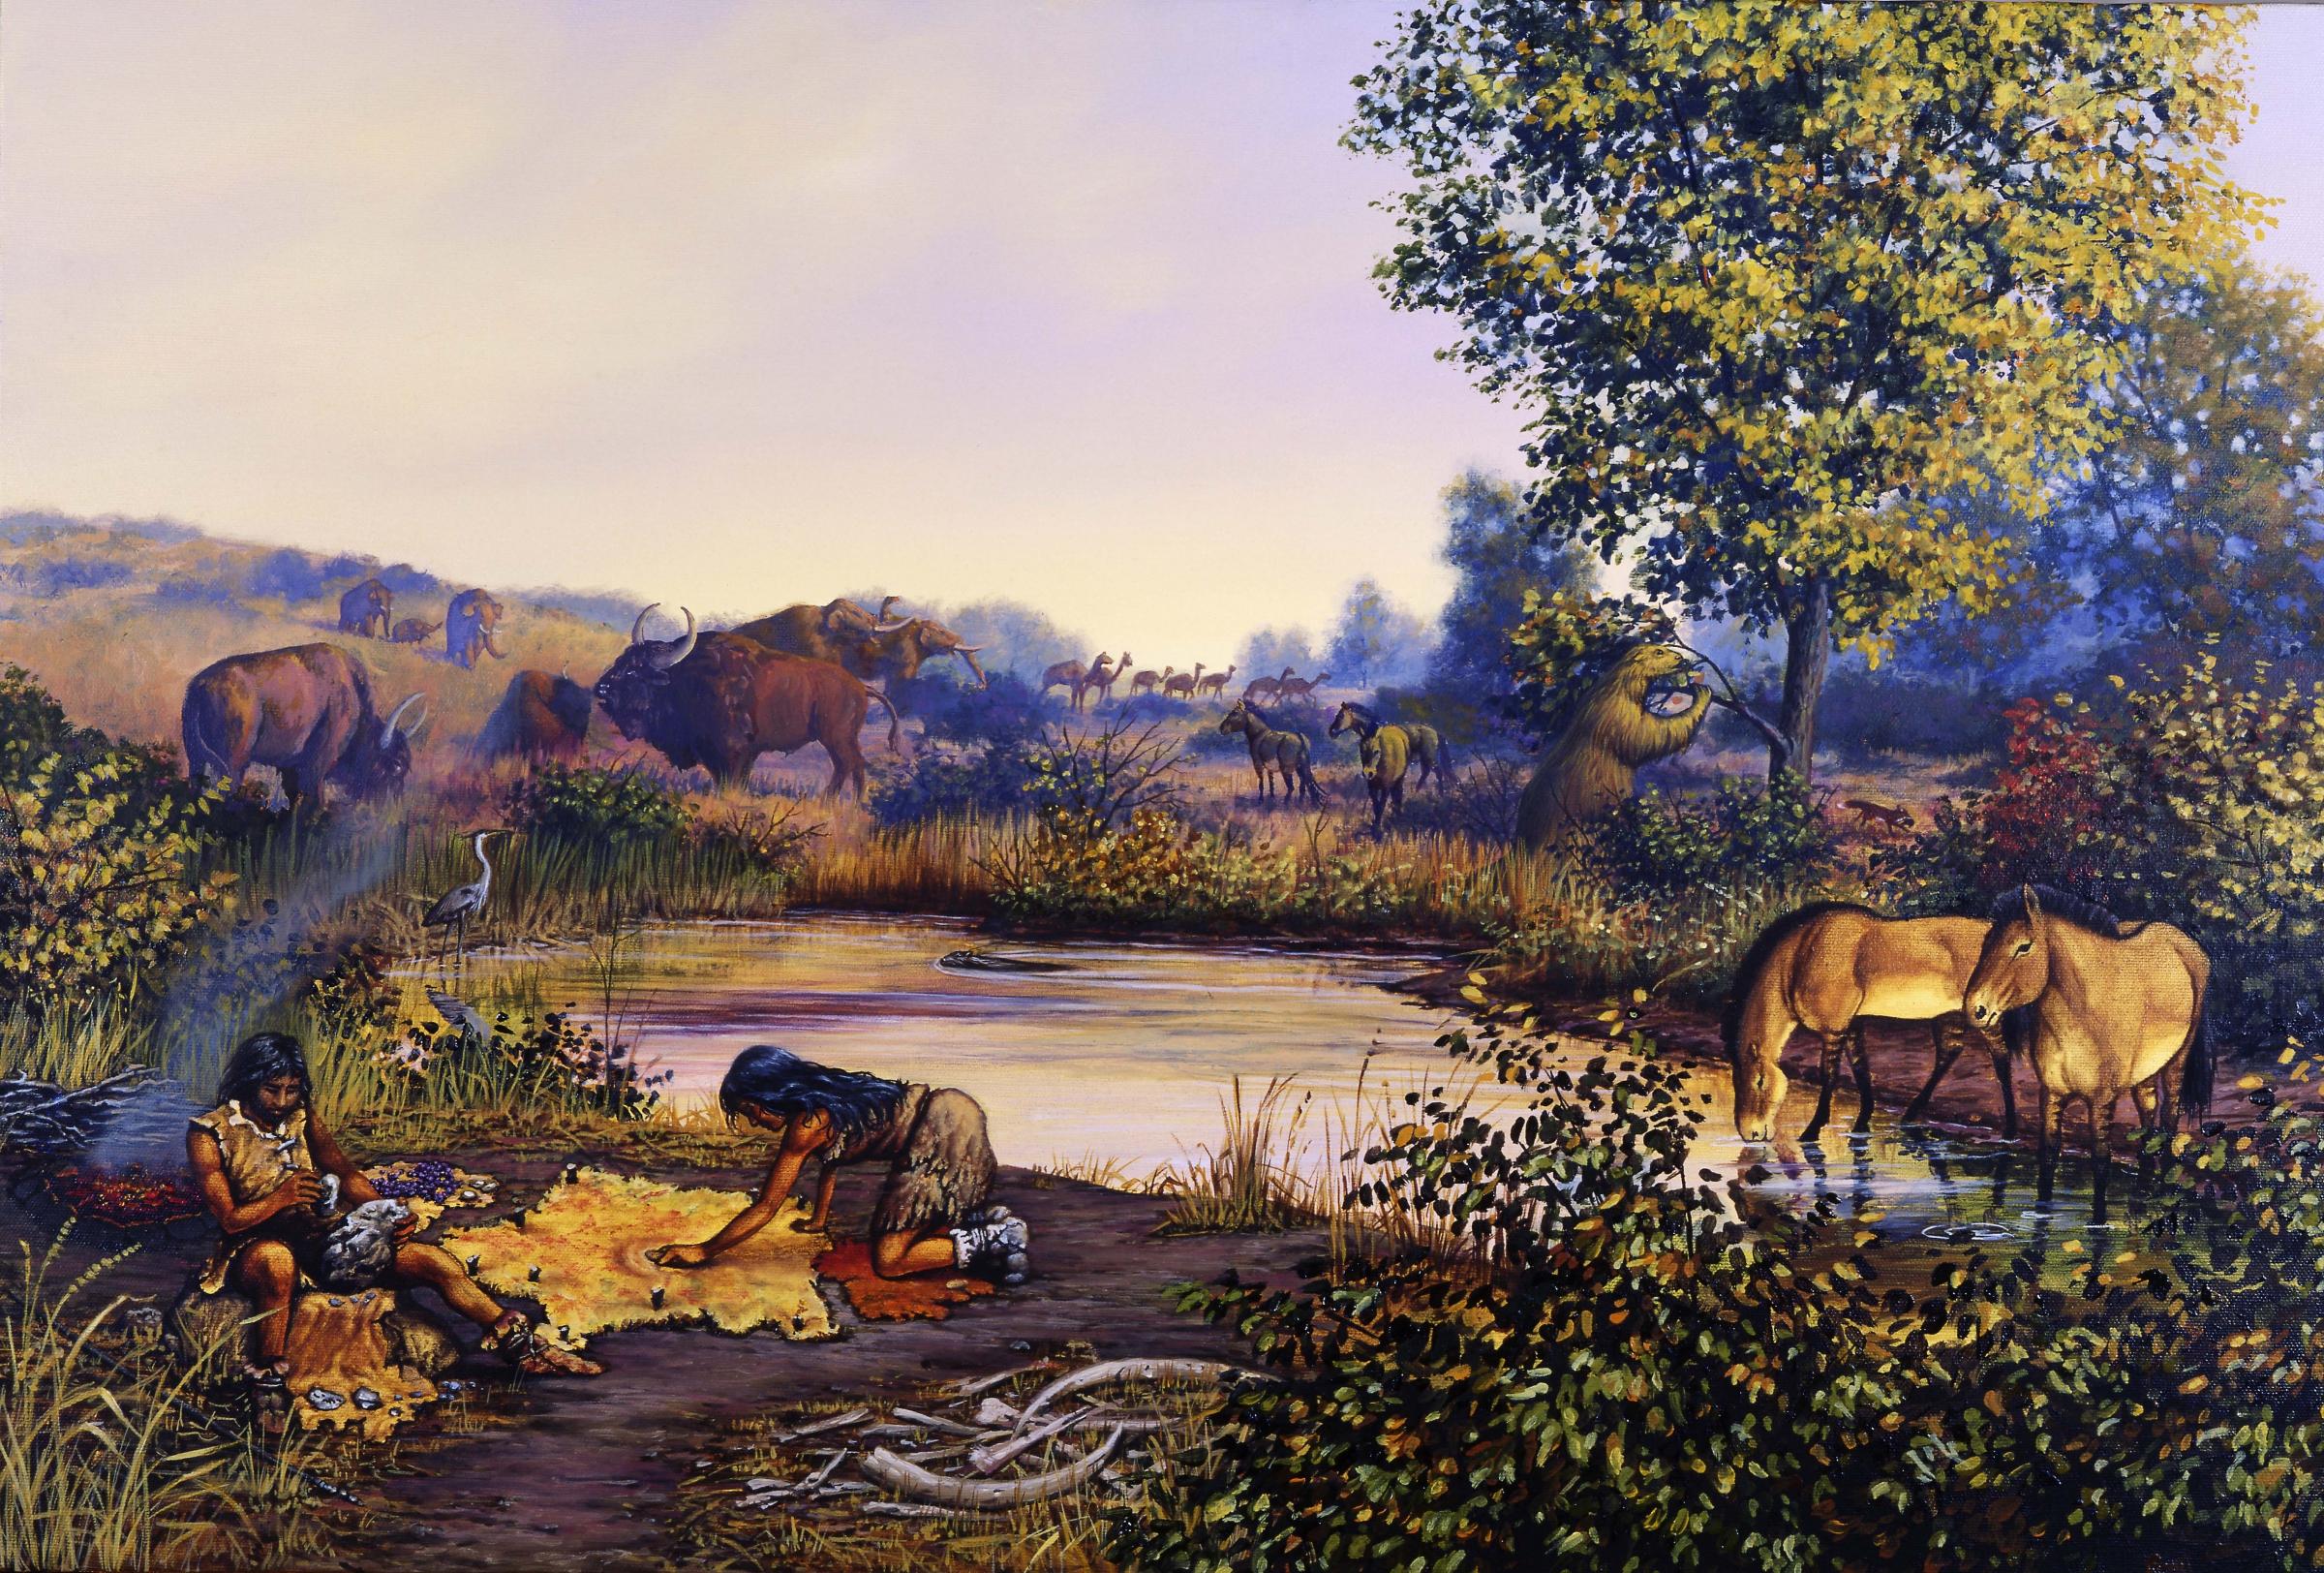 חיים בתקופת הפליסטוקן המאוחרת, קרדיט: CHASE STUDIO / Science Photo Library